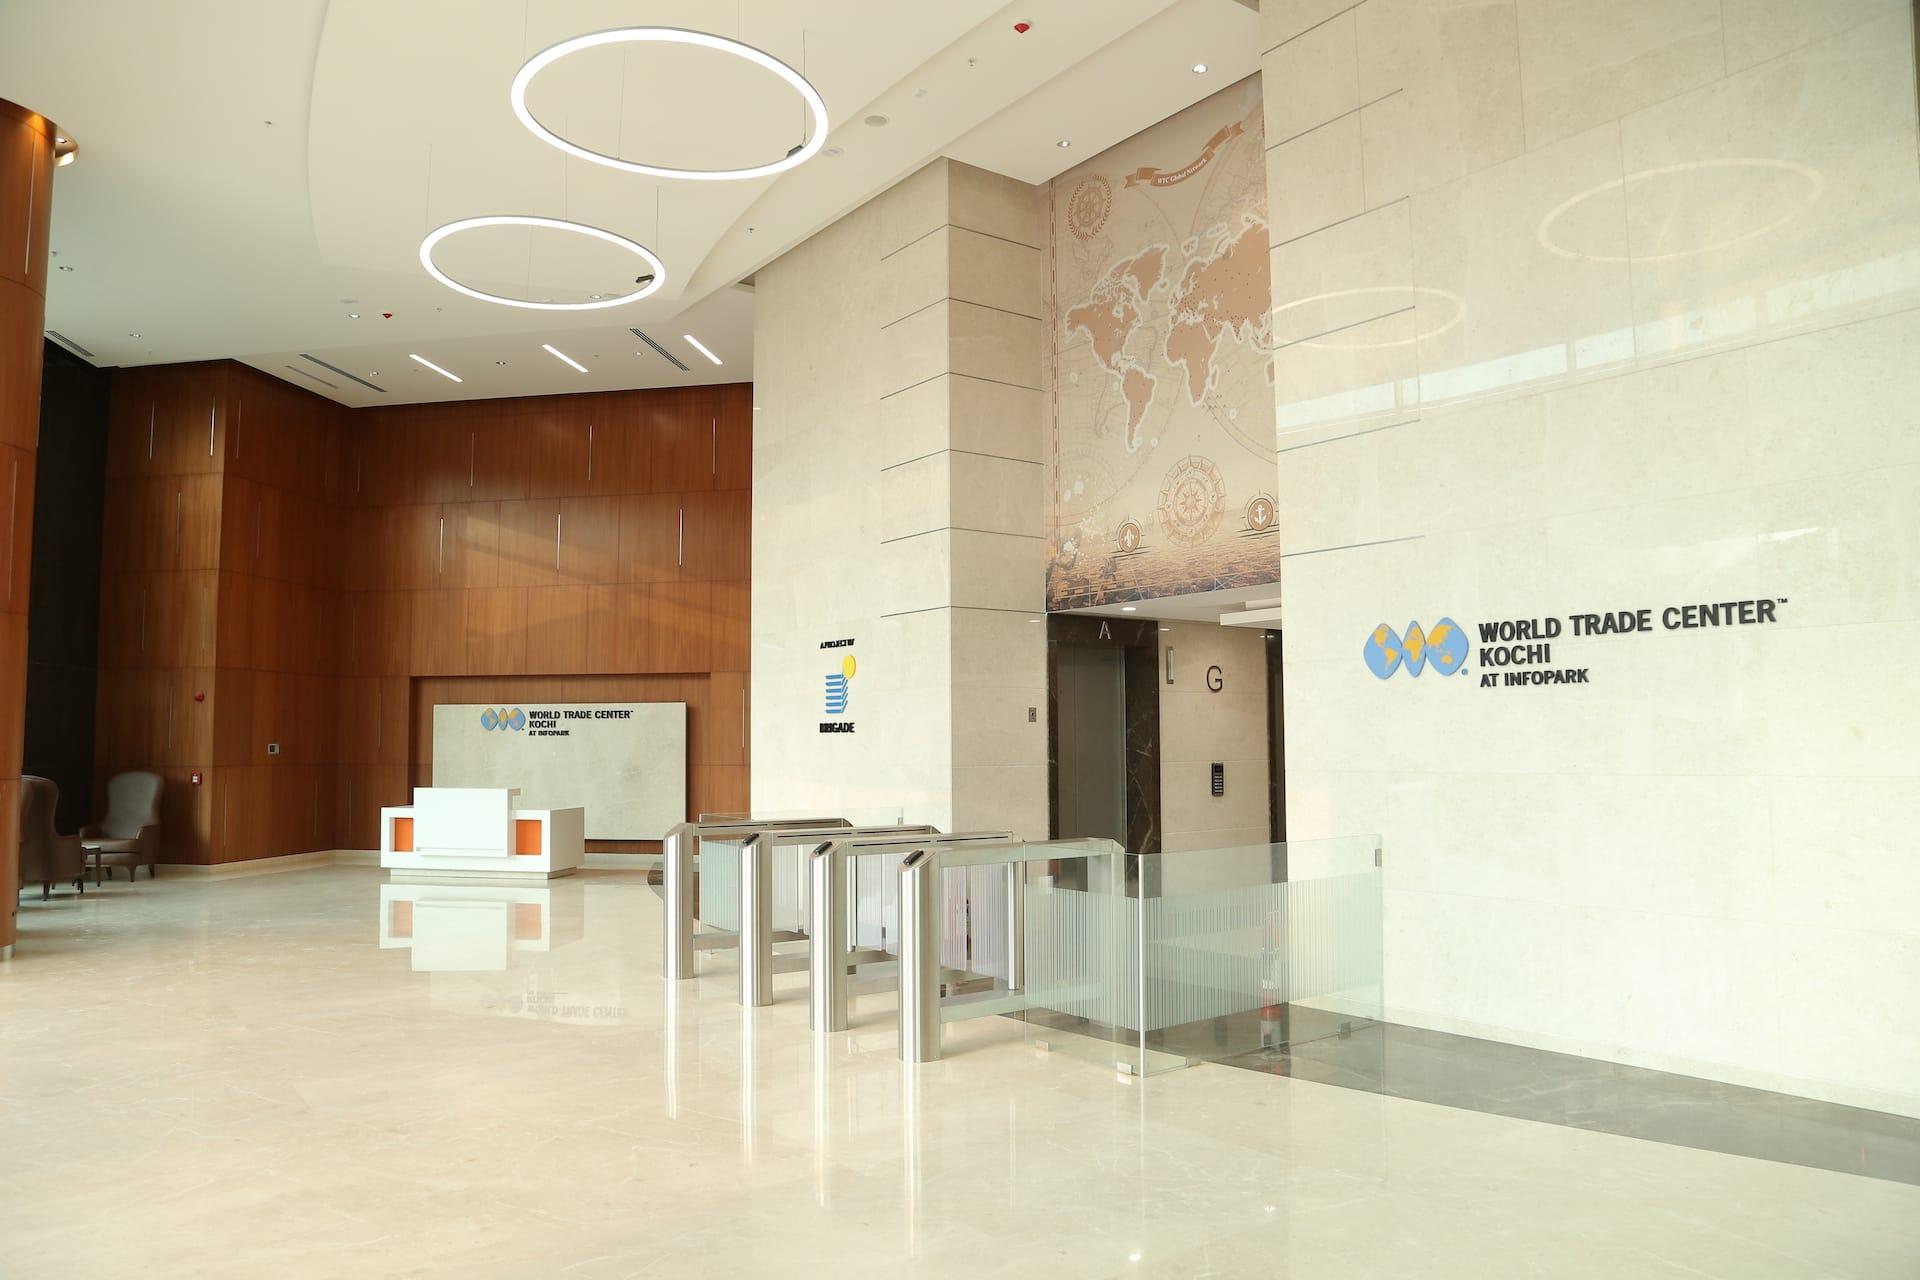 World Trade Center – Kochi